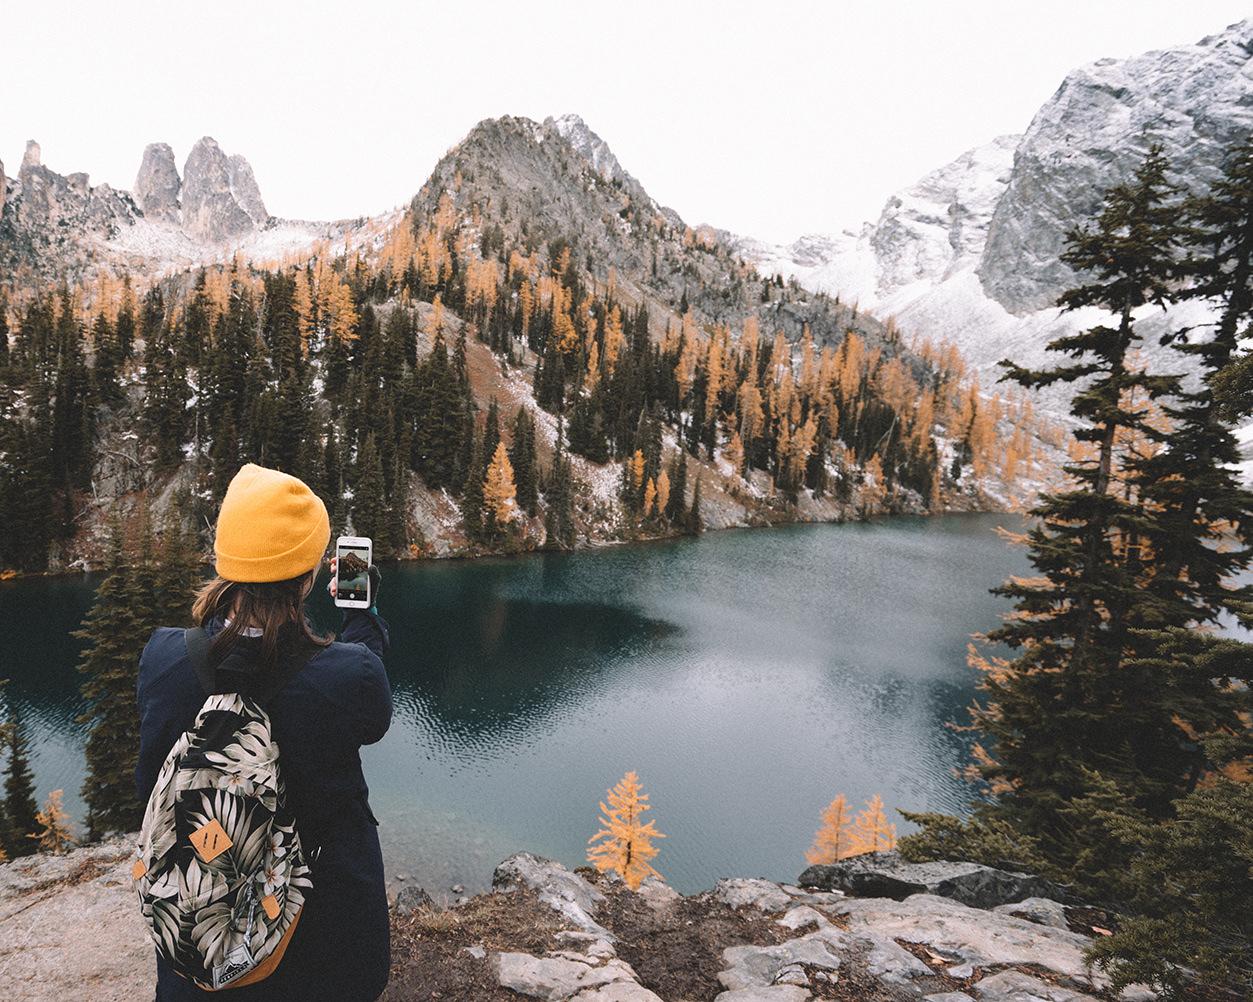 Fotografando paisagem com smartphone